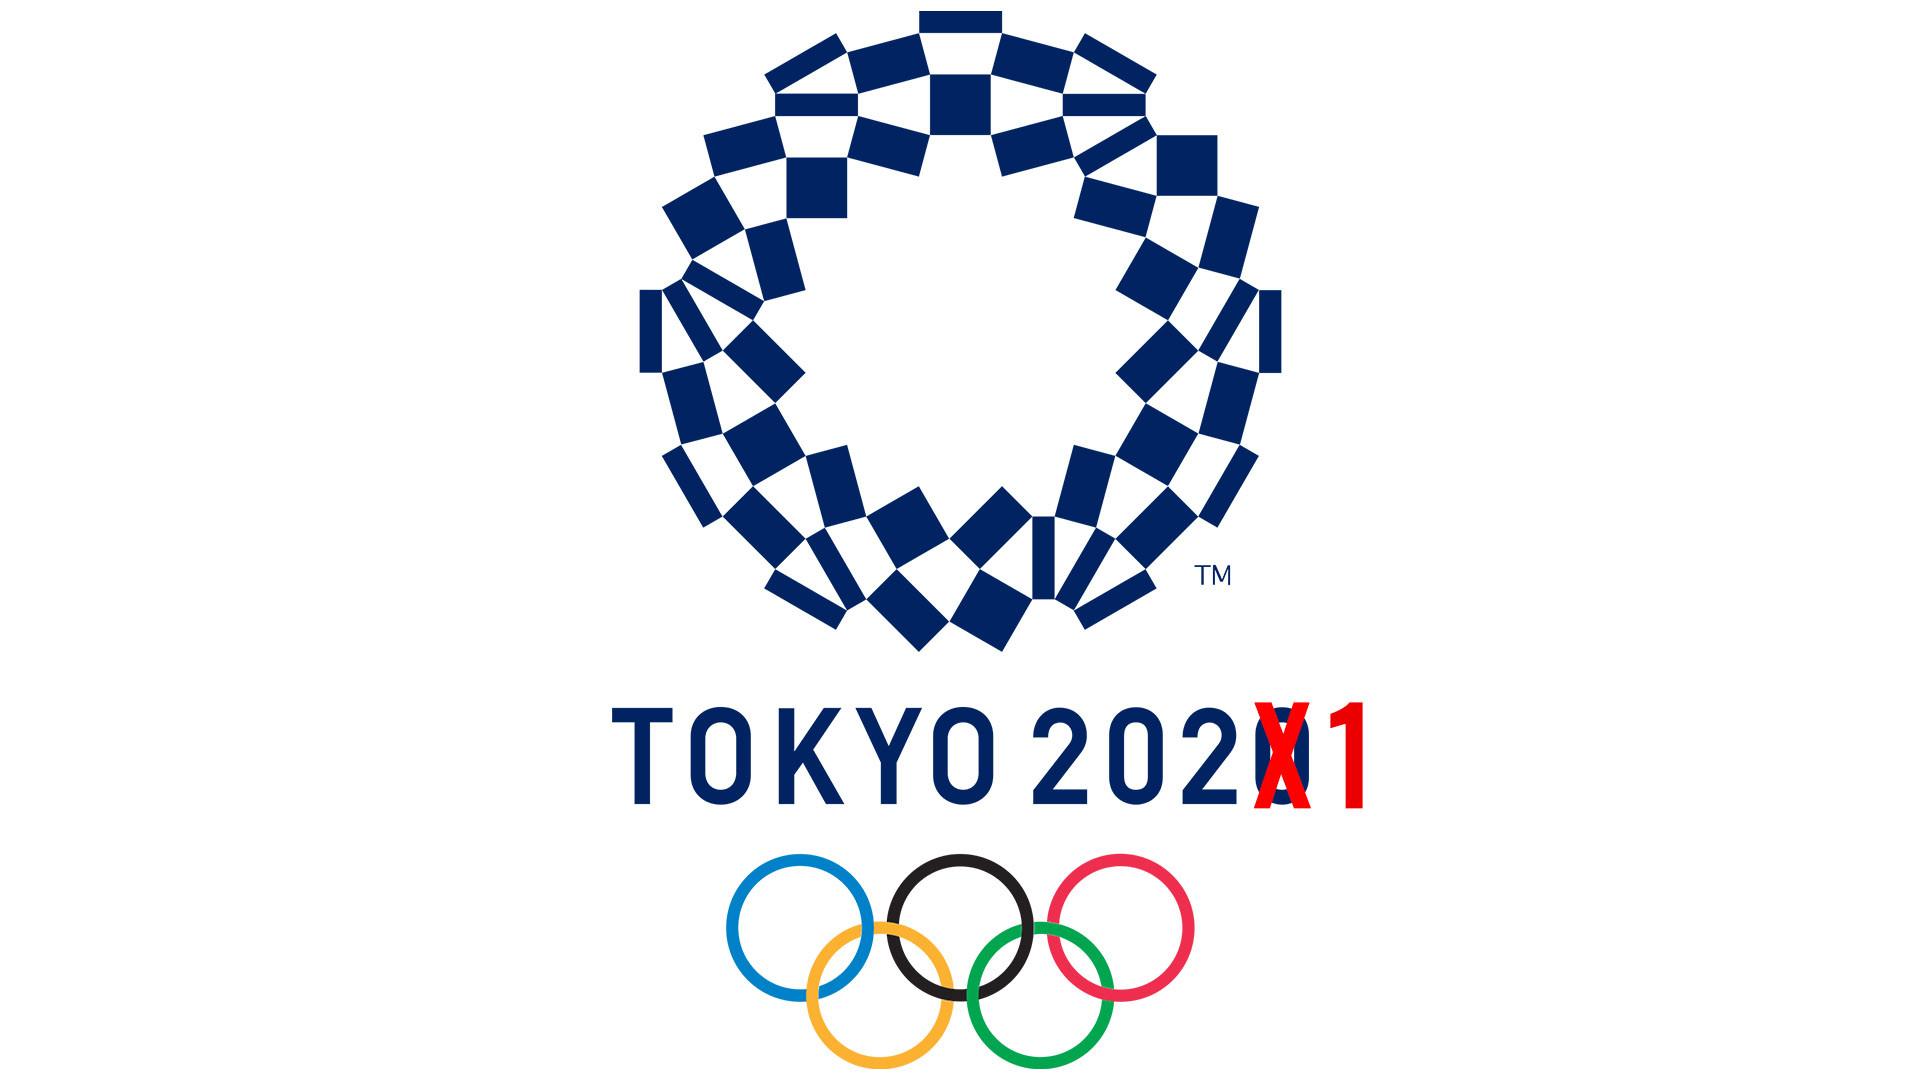 Les Jeux olympiques 2020...en 2021 !